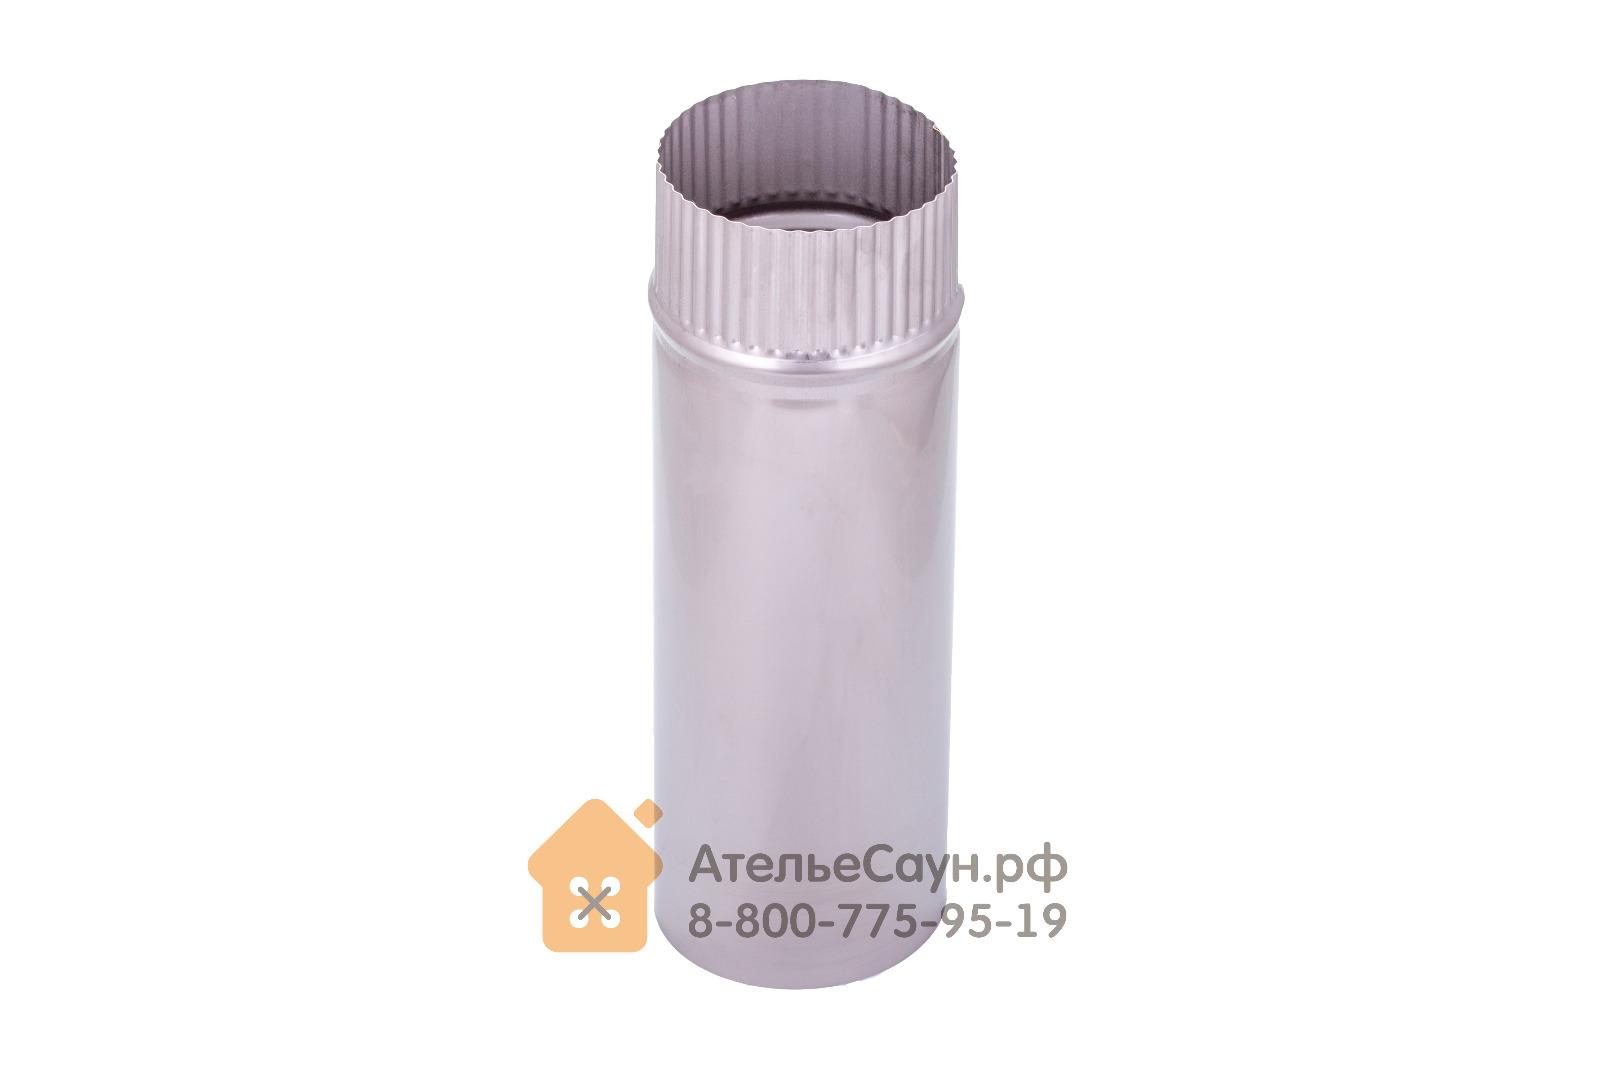 Труба голая D115 мм L = 0,35 м (нерж. 0,5 мм AISI 304)